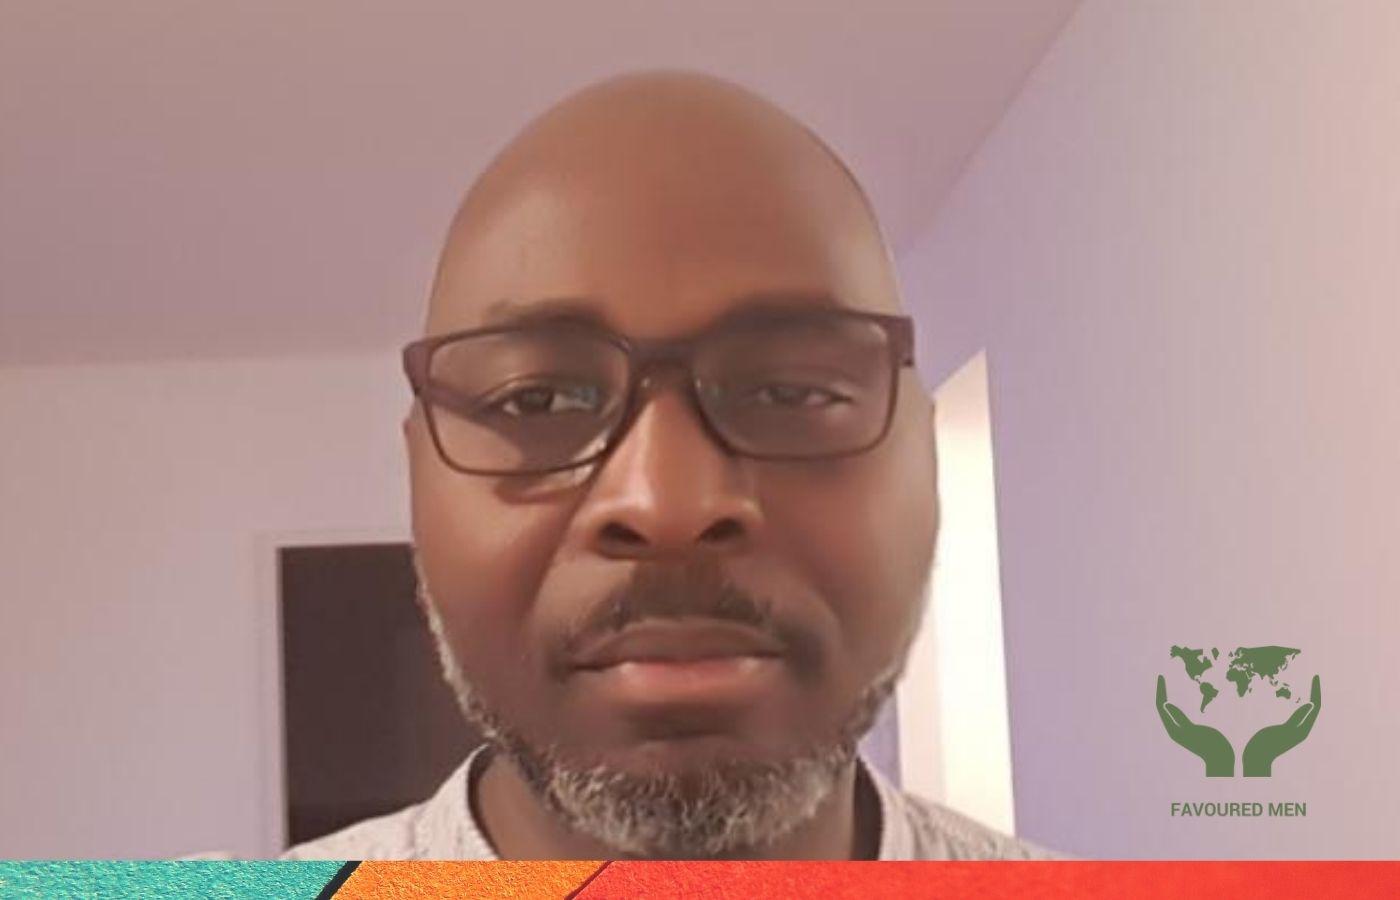 About Favoured Men ngo website NGO Afrika (Favoured Men)